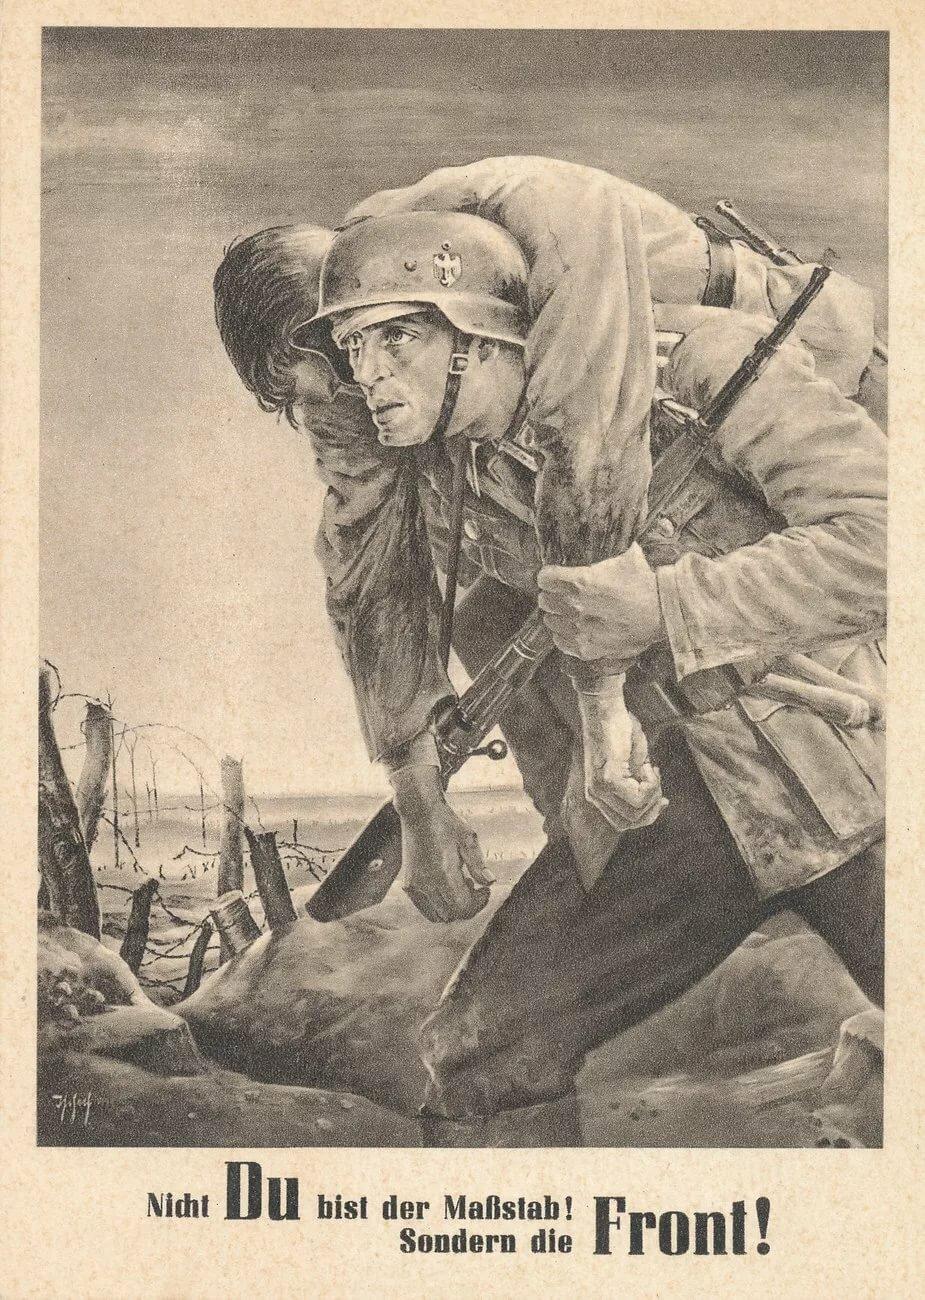 Немецкие открытки периода второй мировой войны, открытку миша